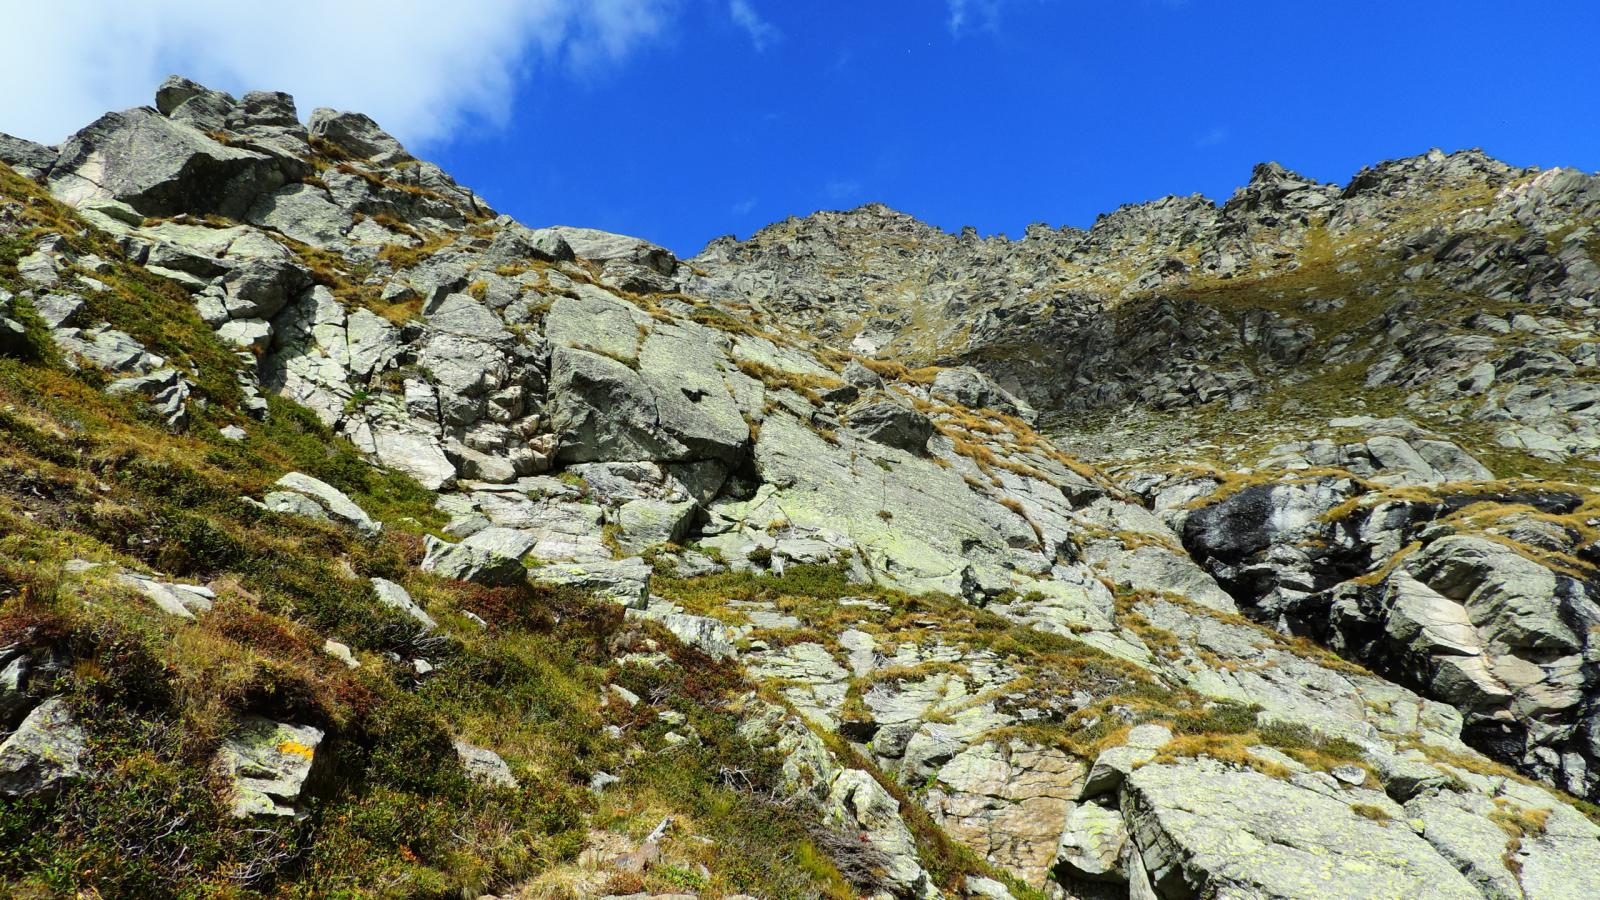 un tratto ripido del sentiero verso quota 2500 m